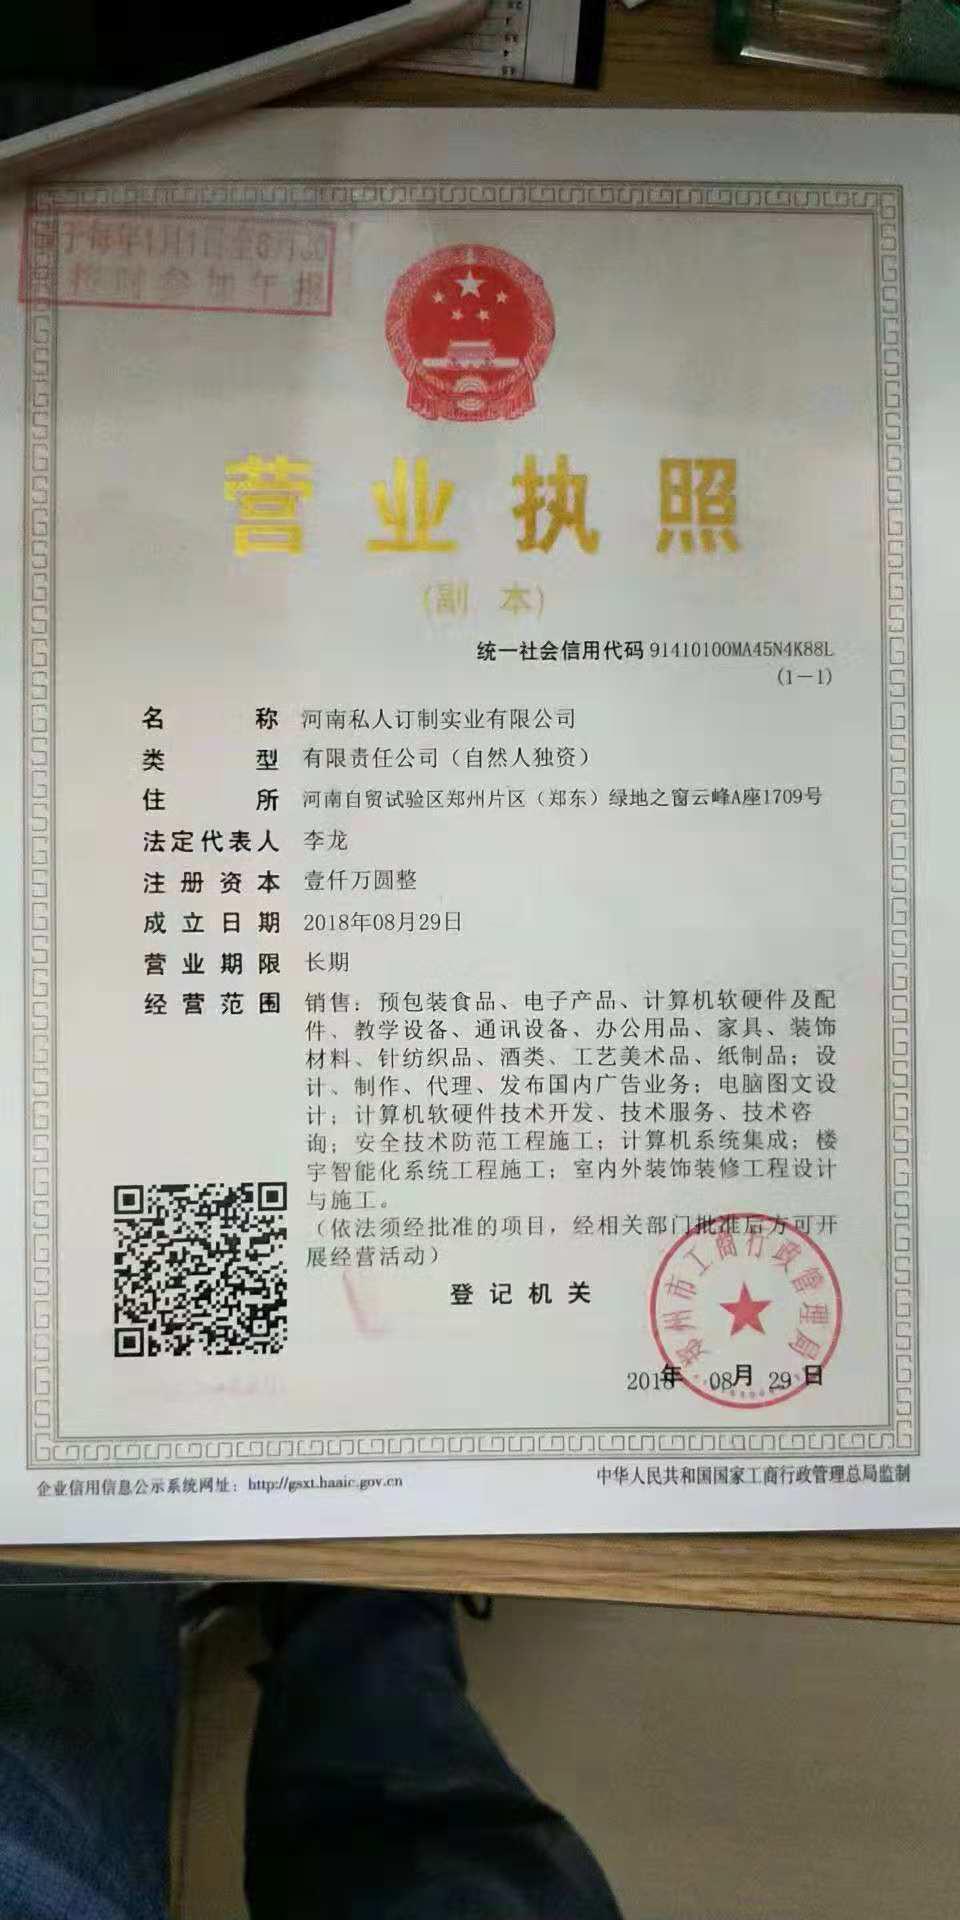 河南私人订制实业有限公司实习招聘